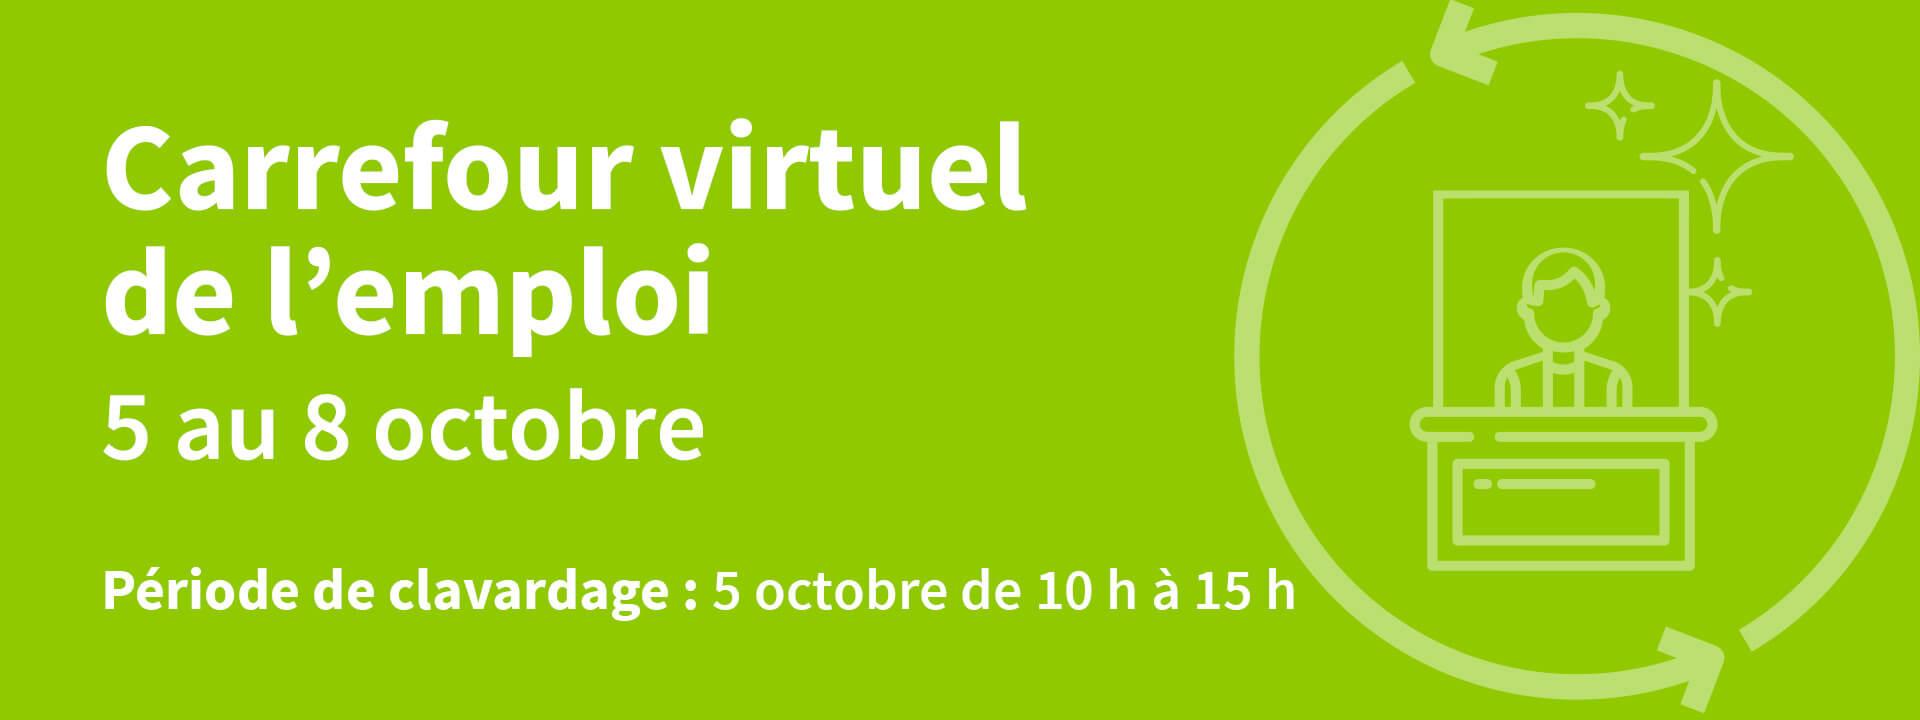 Carrefour virtuel de l'emploi